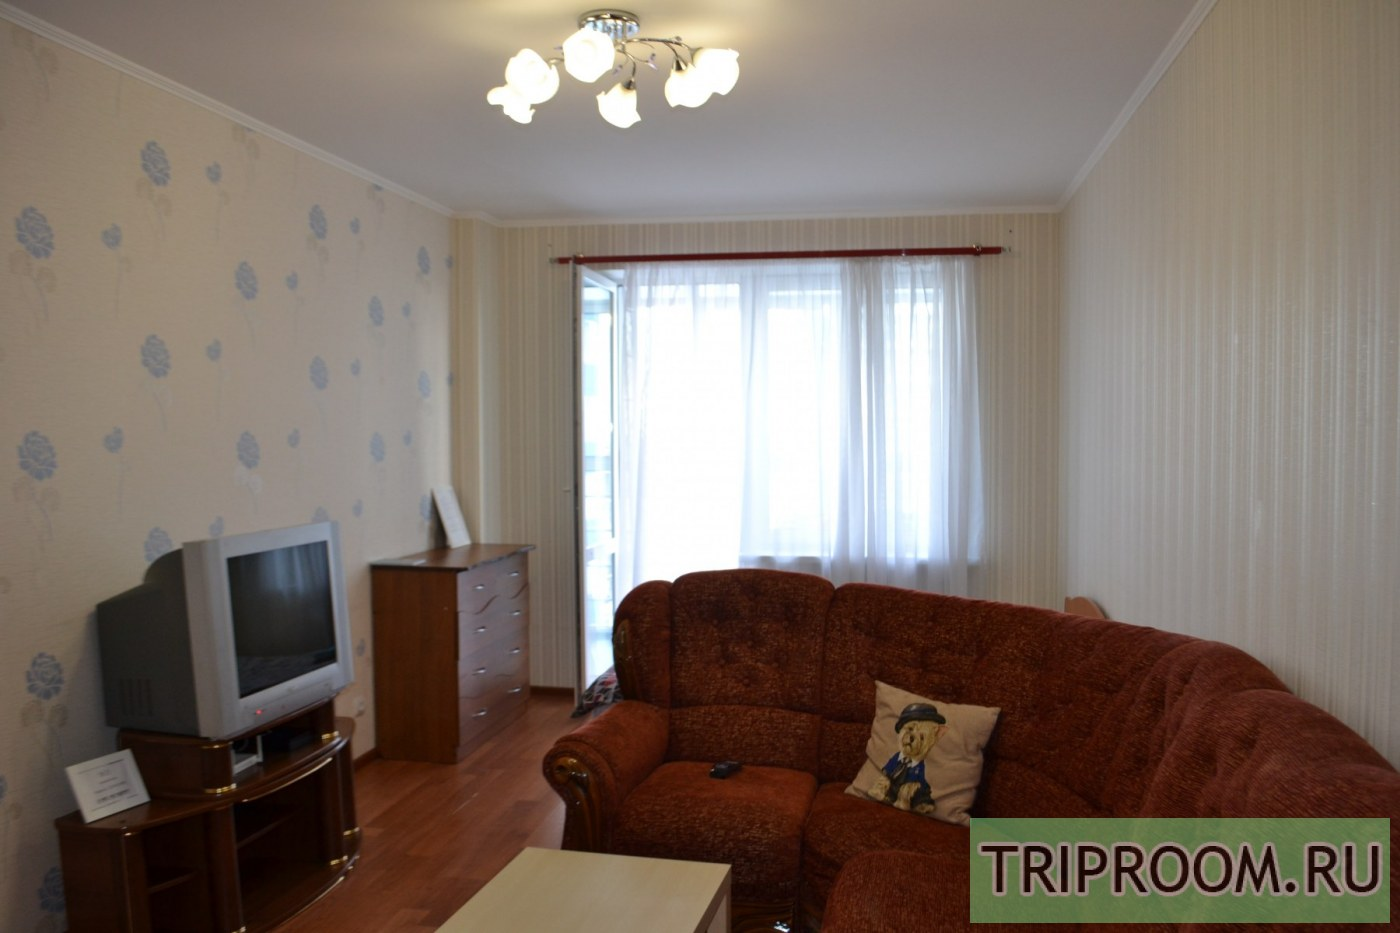 1-комнатная квартира посуточно (вариант № 39023), ул. Беляева улица, фото № 5